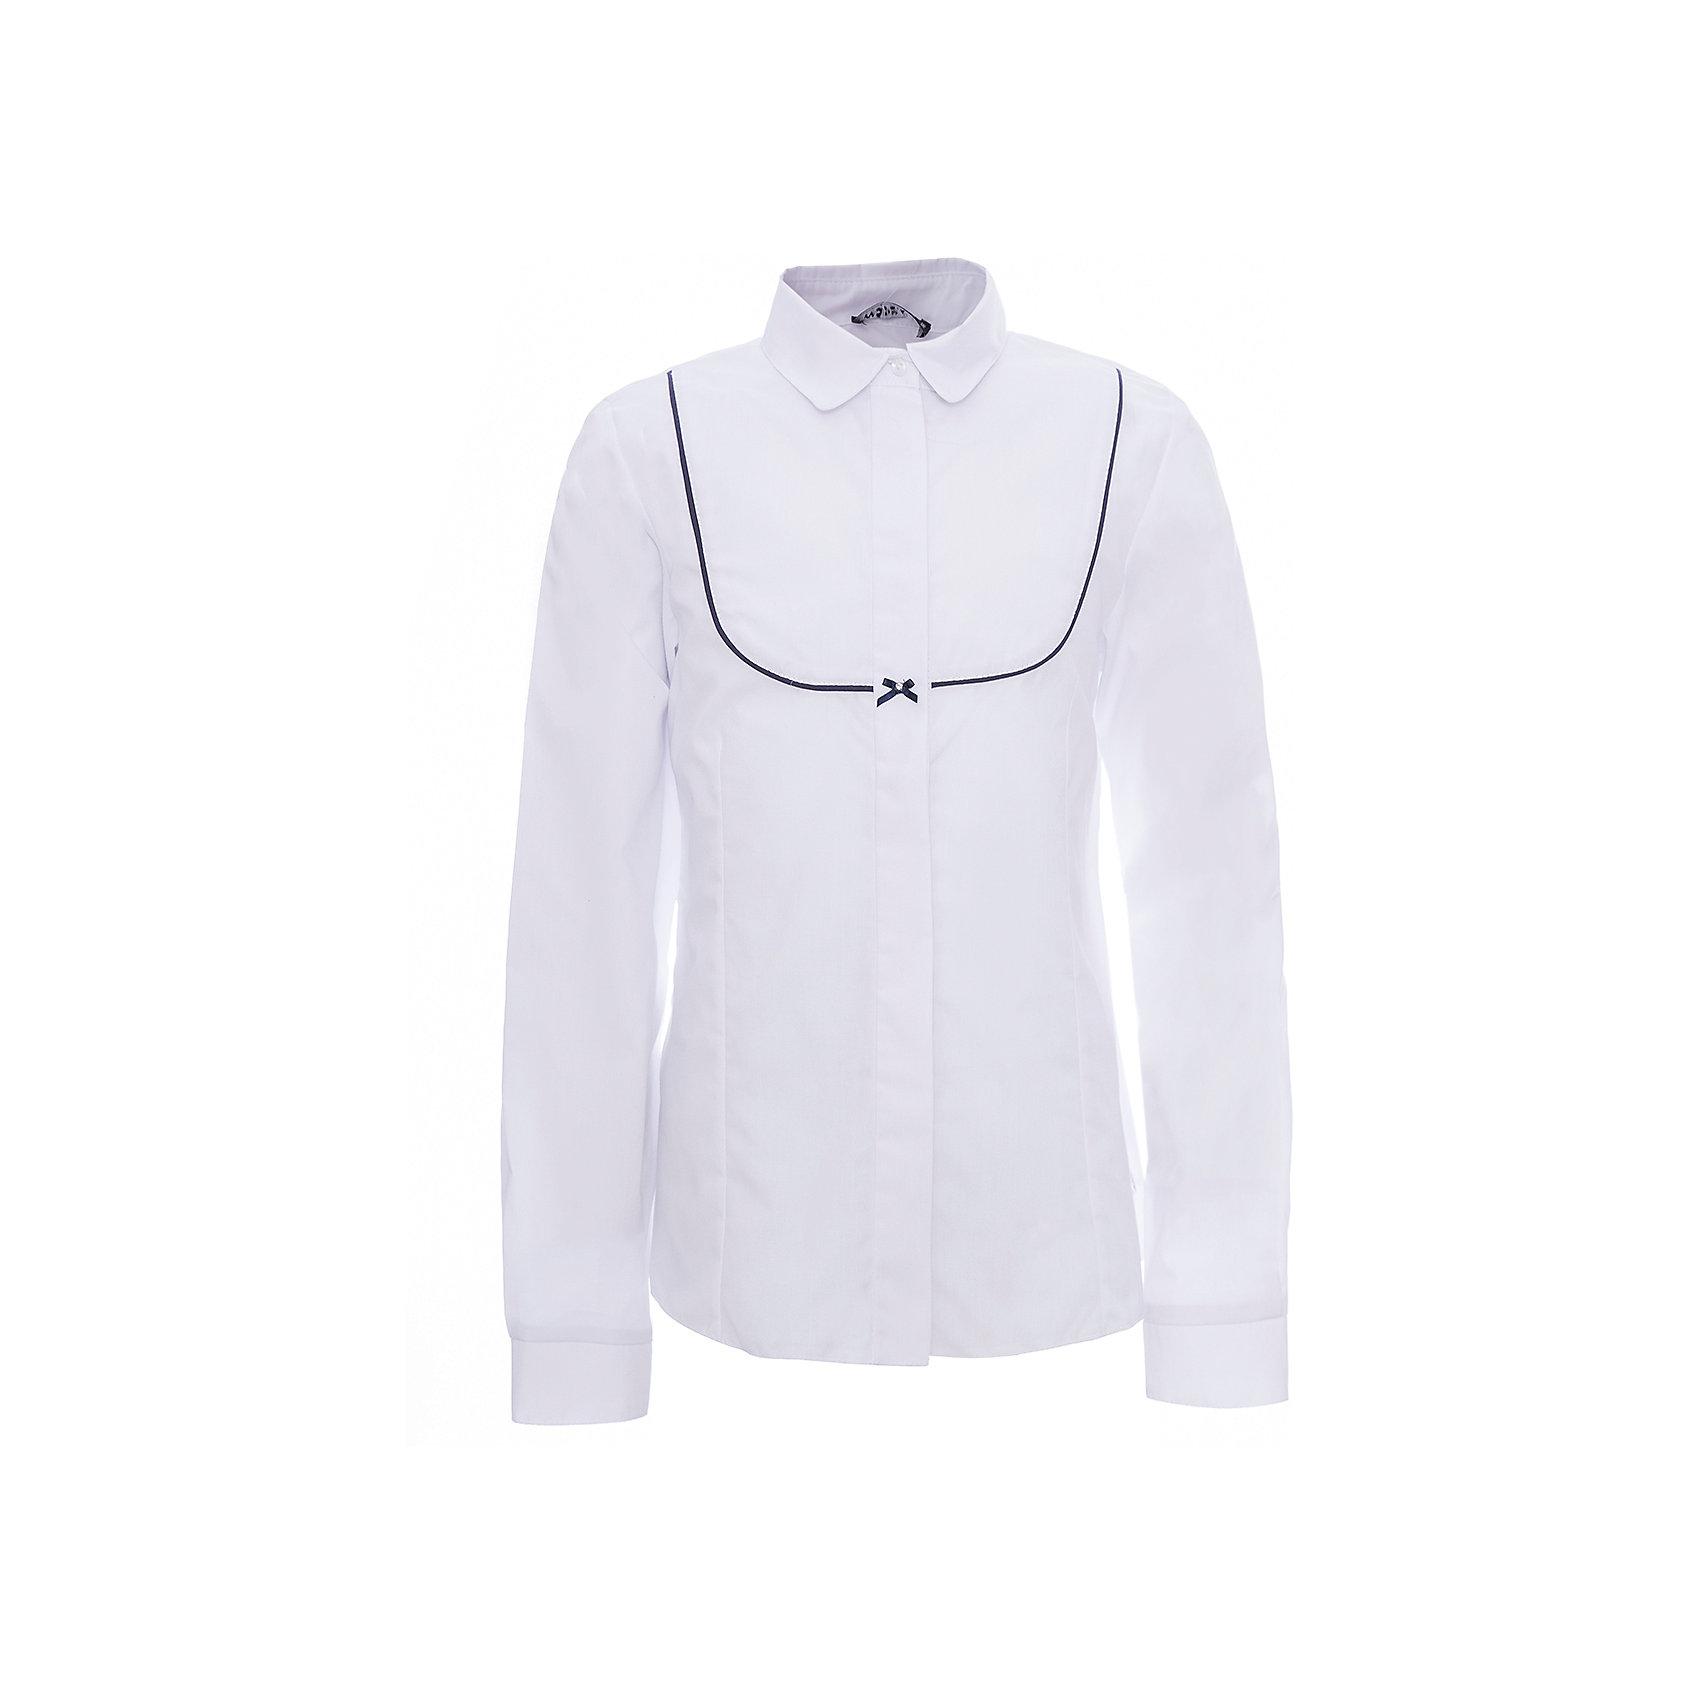 Рубашка для девочки WojcikБлузки и рубашки<br>Характеристики товара:<br><br>• цвет: белый<br>• состав ткани: хлопок 65%, полиэстер 35%<br>• особенности: школьная, нарядная<br>• отложной воротник<br>• застежка: кнопки<br>• длинные рукава<br>• сезон: круглый год<br>• страна бренда: Польша<br>• страна изготовитель: Польша<br><br>Рубашка для девочки Wojcik - удобная и модная школьная одежда. Польская одежда для детей от бренда Войчик - это качественные и стильные вещи.<br><br>Эта модель одежды для школы сделана из качественного материала с преобладанием хлопка в составе. Белая рубашка для девочки Войчик декорирована принтом.<br><br>Рубашку для девочки Wojcik (Войчик) можно купить в нашем интернет-магазине.<br><br>Ширина мм: 190<br>Глубина мм: 74<br>Высота мм: 229<br>Вес г: 236<br>Цвет: белый<br>Возраст от месяцев: 60<br>Возраст до месяцев: 72<br>Пол: Женский<br>Возраст: Детский<br>Размер: 116,122,128,134,140,146,152,158<br>SKU: 5589563